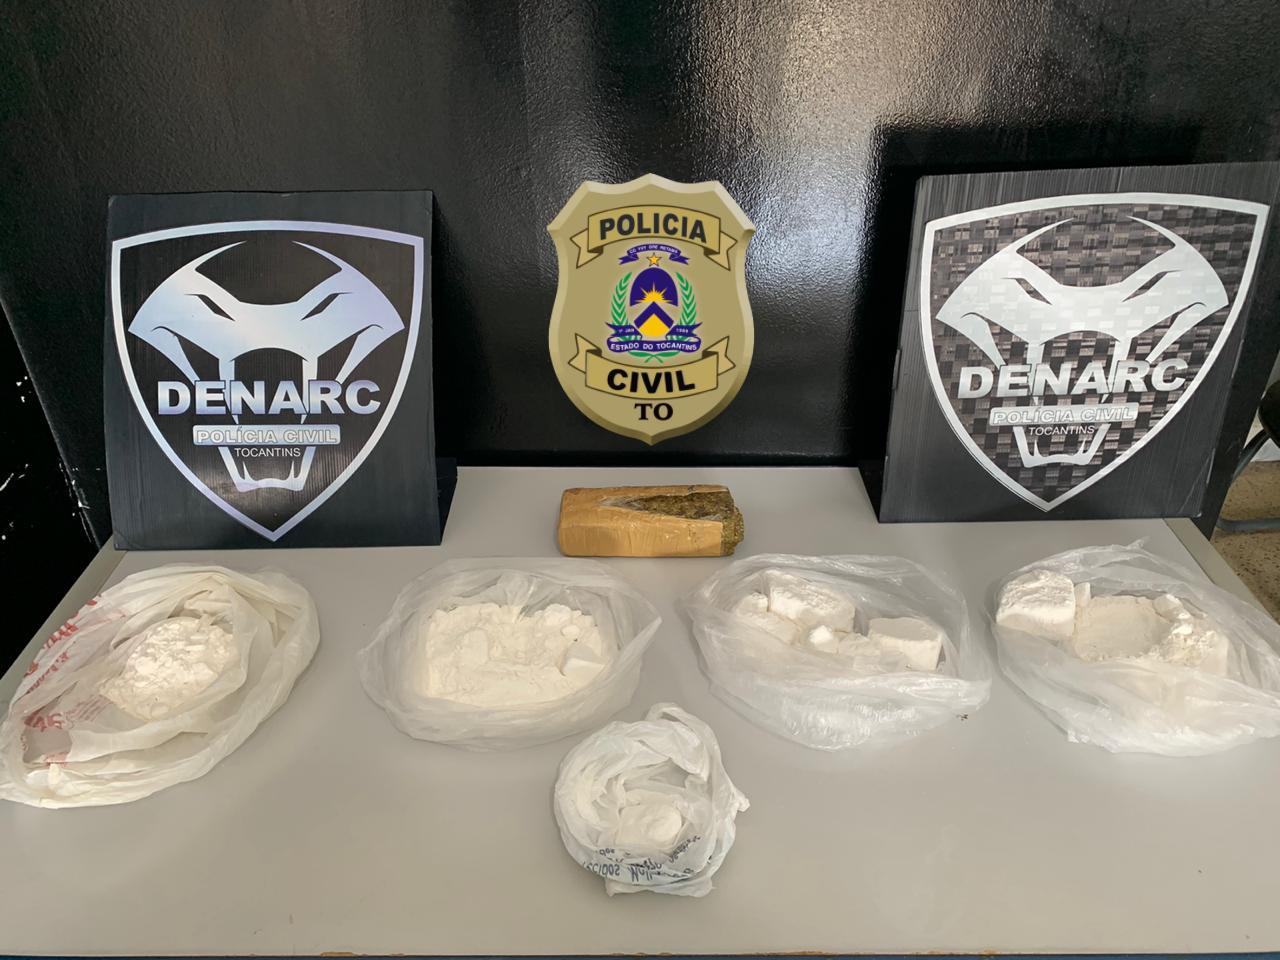 Denarc apreende 1,5 kg de cocaína pura e maconha em Palmas e prende homem ligado a facção nacional